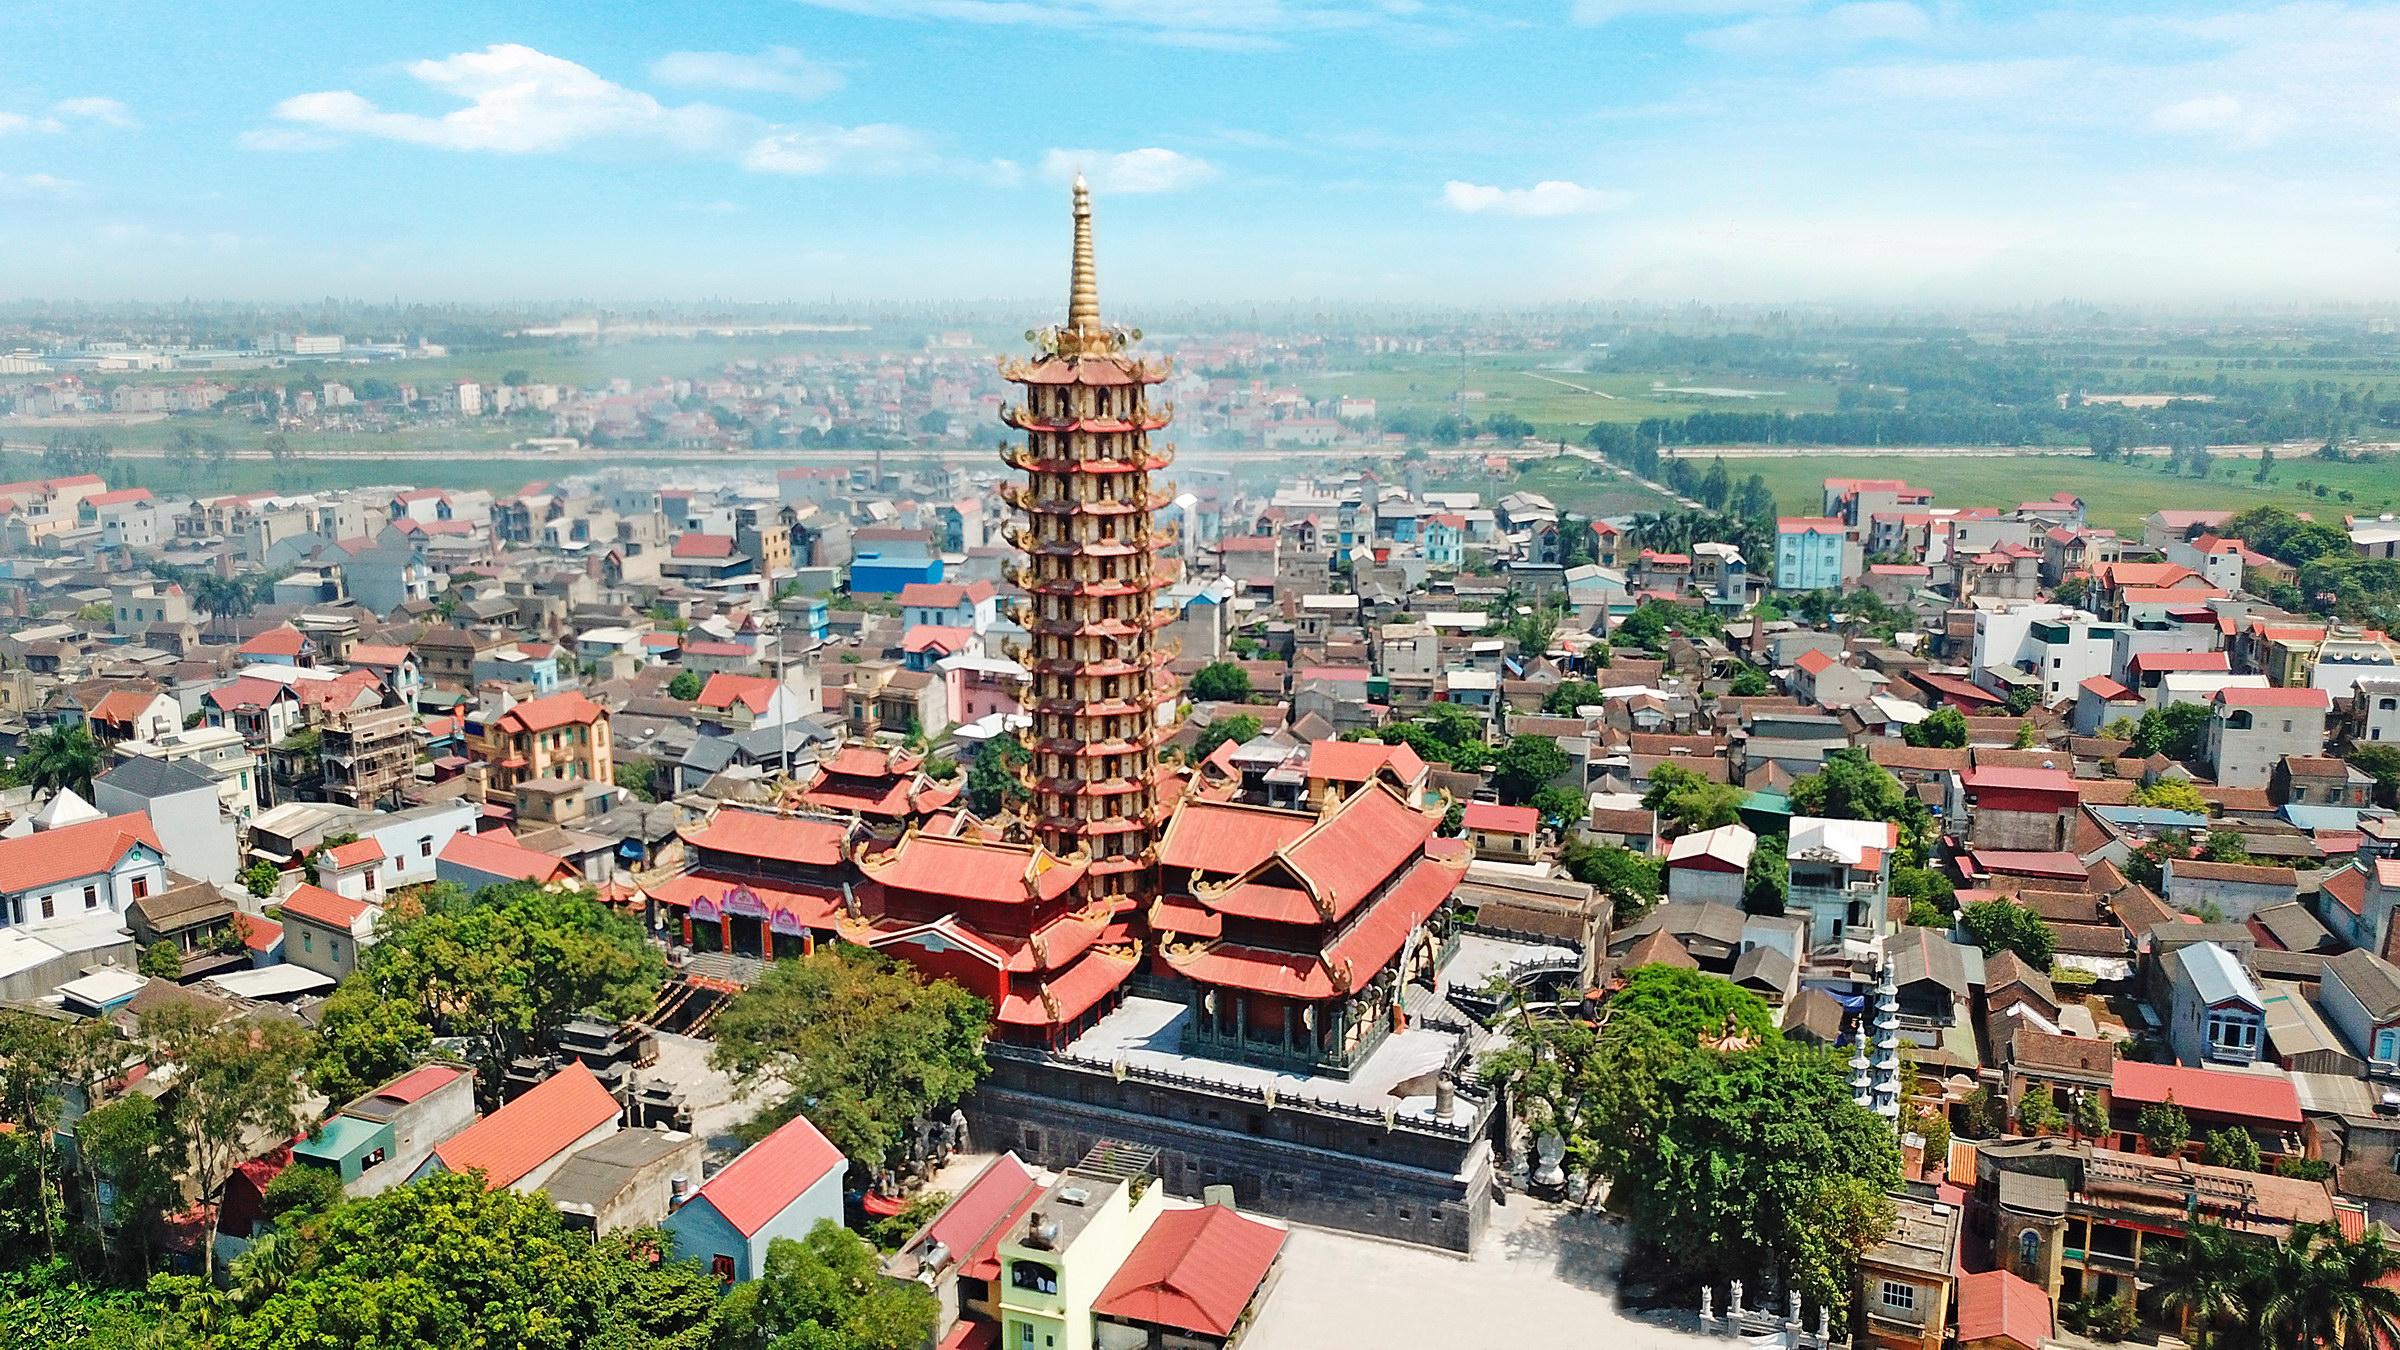 Toàn cảnh Cụm di tích lịch sử Đình Đền tướng Quốc Linh Từ, Chùa Thánh Quang và tòa Tháp Đại Bi Kim Cương.